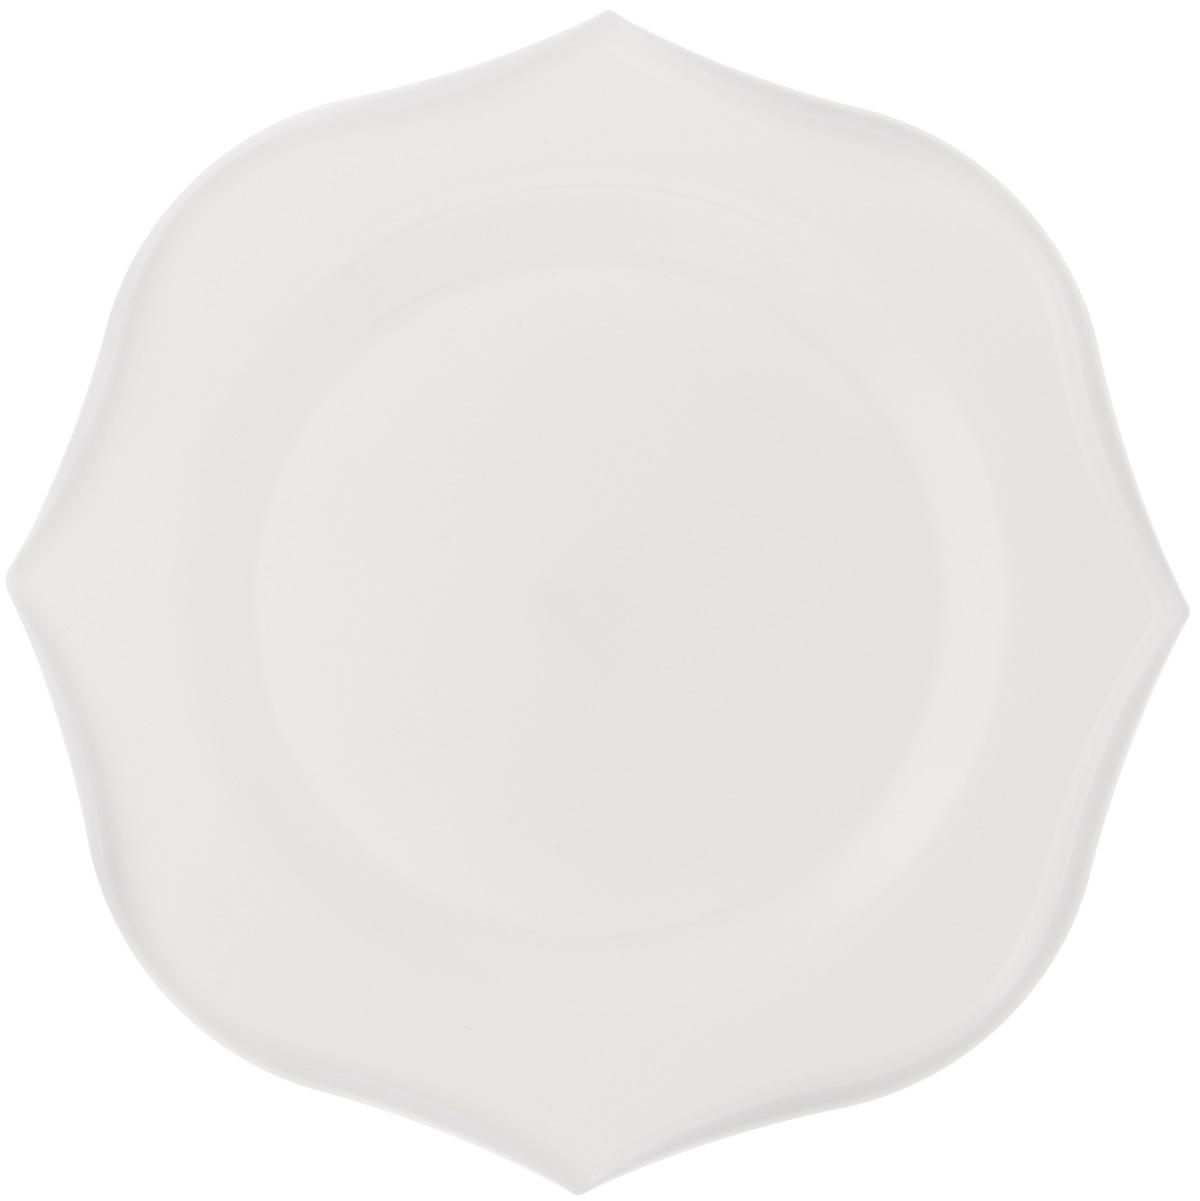 Тарелка обеденная Luminarc Louisa, 28,5 х 28,5 см993153402Обеденная тарелка Luminarc Louisa, изготовленная из высококачественного стекла, имеет изысканный внешний вид. Яркий дизайн придется по вкусу и ценителям классики, и тем, кто предпочитает утонченность. Тарелка Luminarc Louisa идеально подойдет для сервировки вторых блюд из птицы, рыбы, мяса или овощей, а также станет отличным подарком к любому празднику.Размер тарелки (по верхнему краю): 28,5 х 28,5 см.